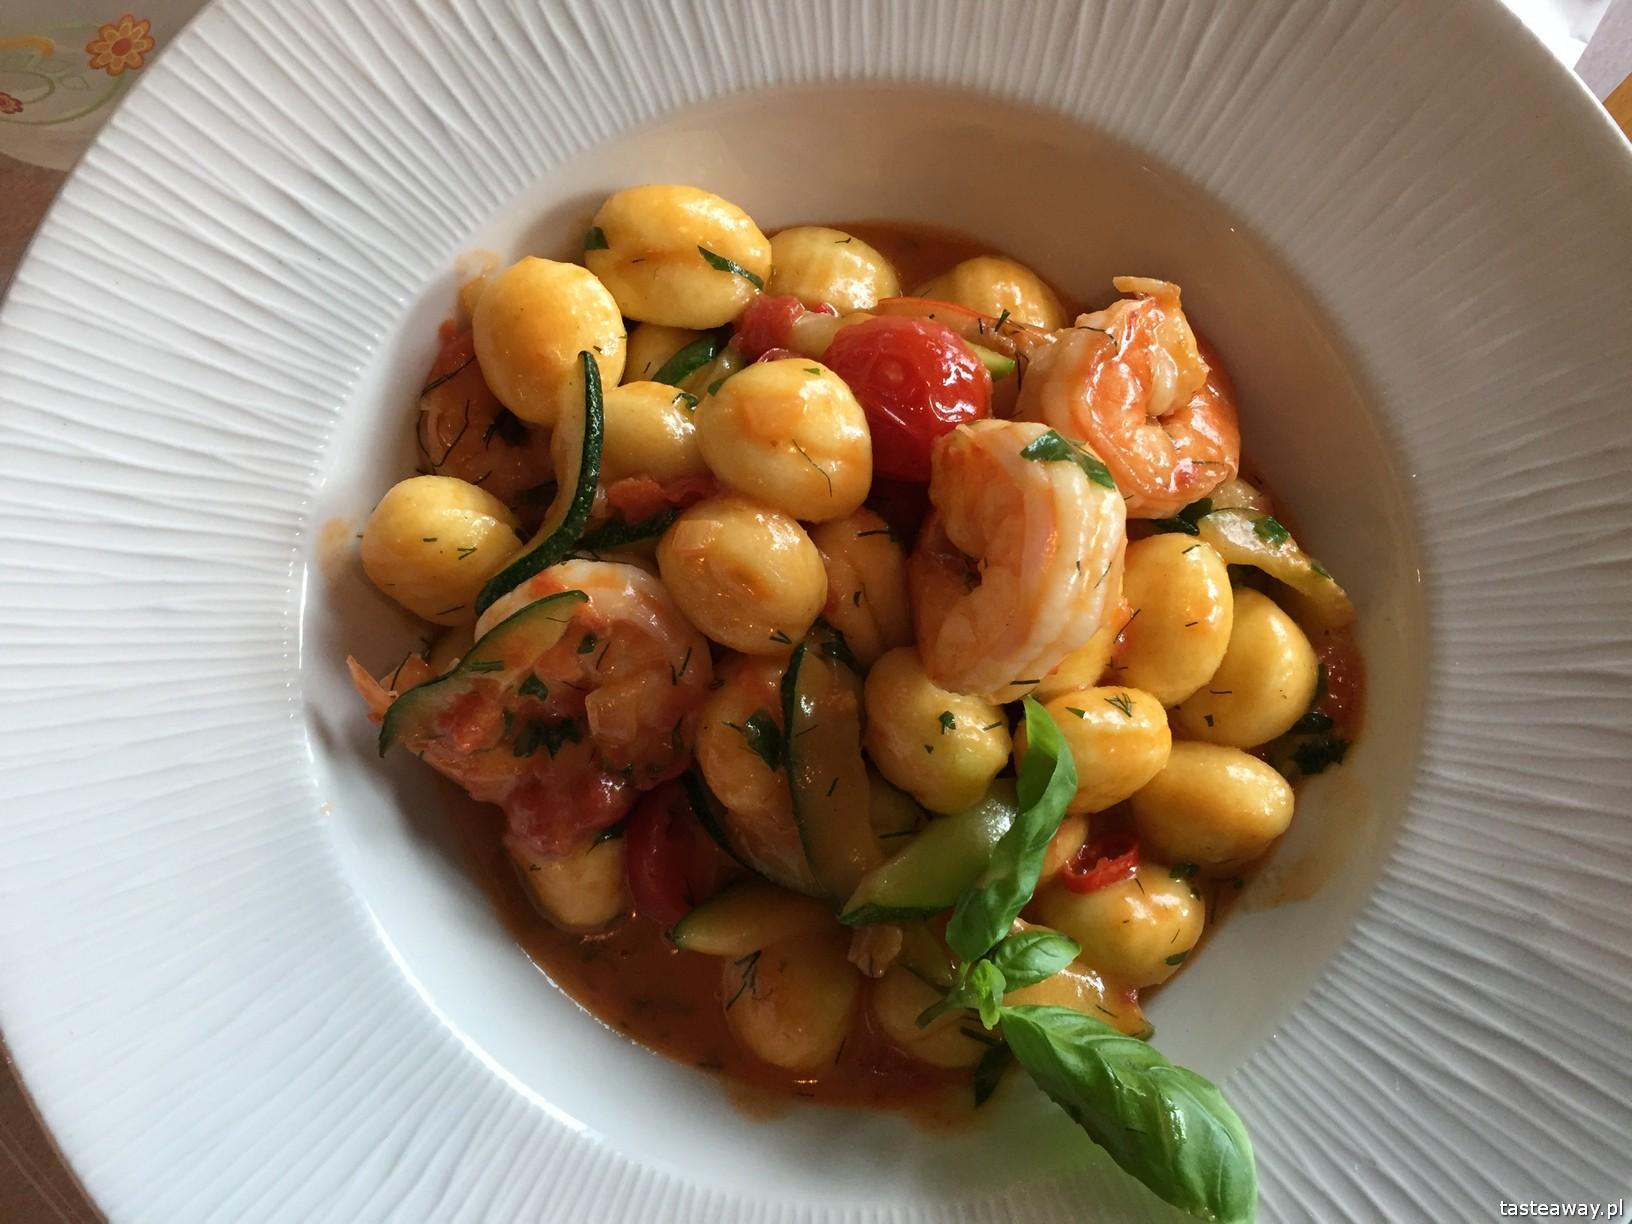 restauracje przyjazne dzieciom, restauracje rodzinne, kuchnia włoska, żoliborz, Pasadena, gdzie na obiad z dziećmi, gnocchi